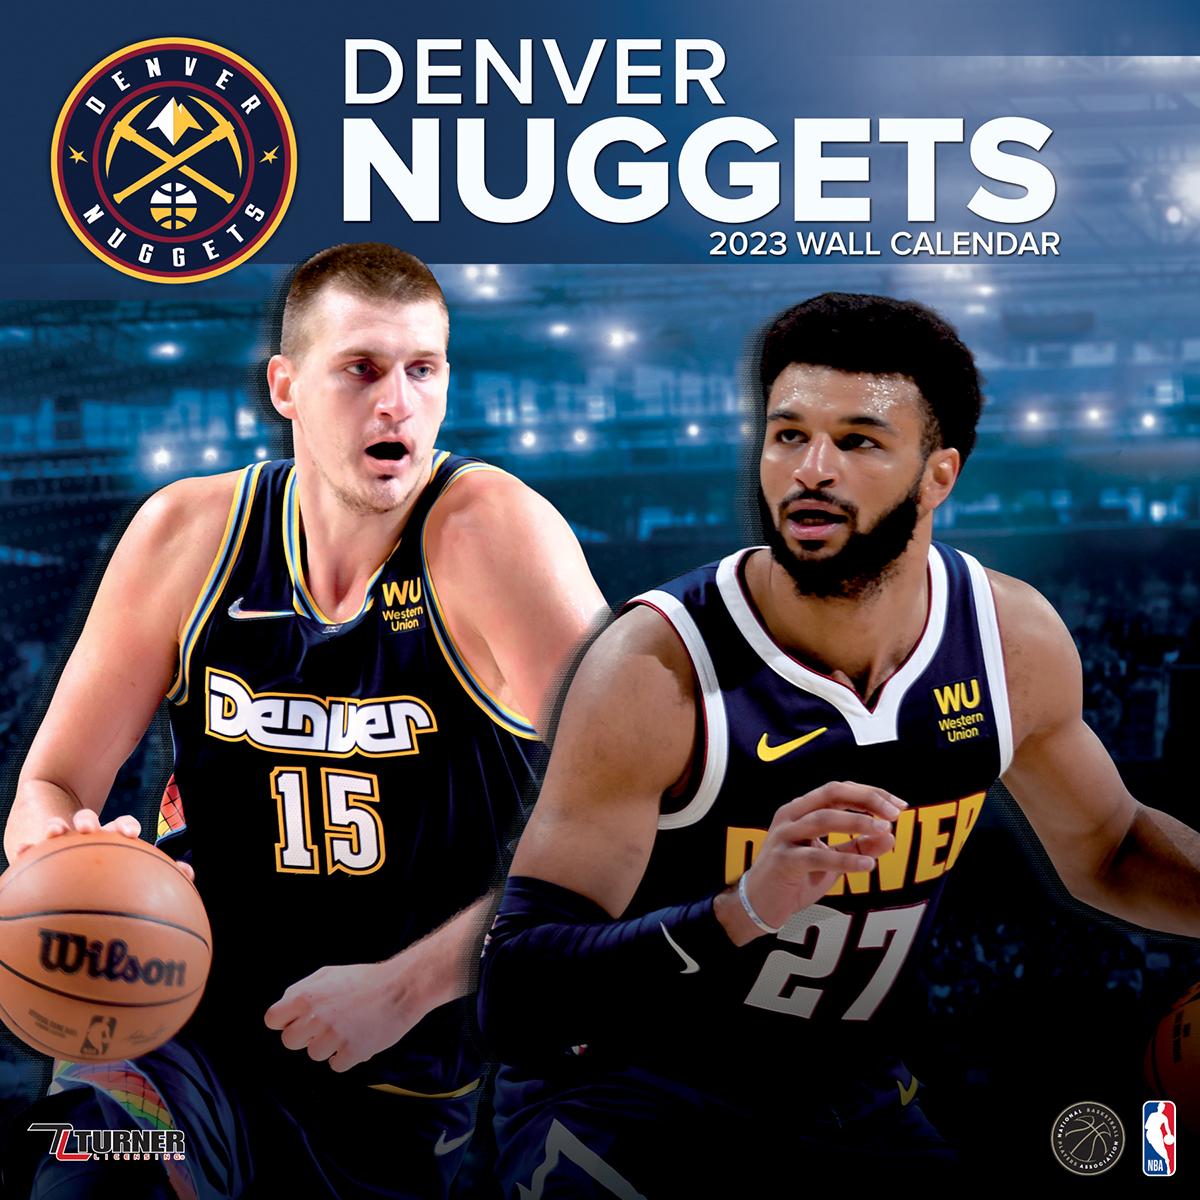 Denver Nuggets Roster: Denver Nuggets 2019 Wall Calendar